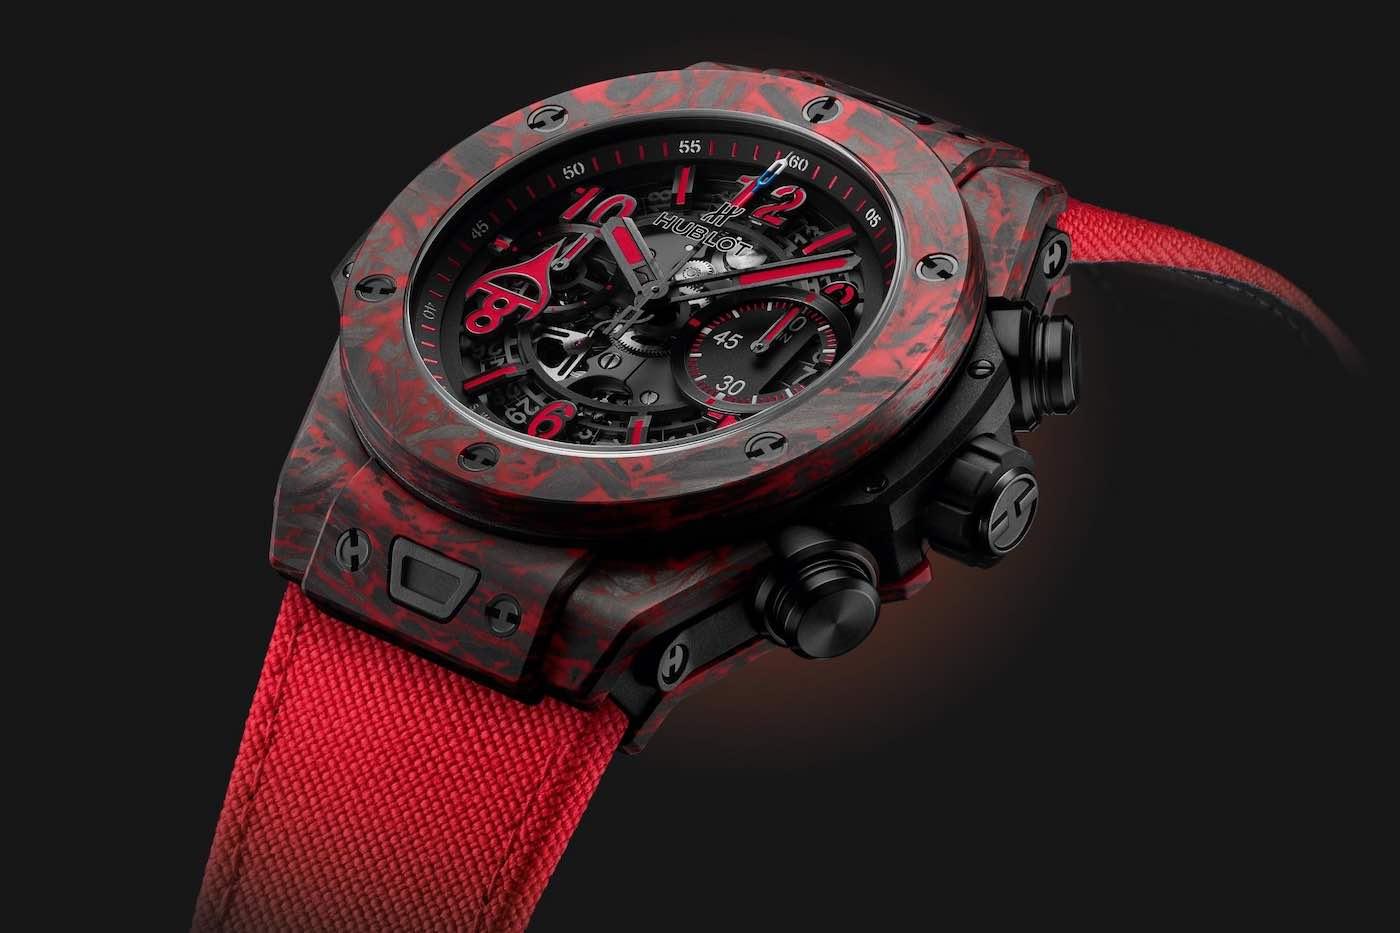 Hublot Big Bang Unico Red Carbon Alex Ovechkin: Un reloj de edición limitada en honor a la estrella rusa del hockey sobre hielo